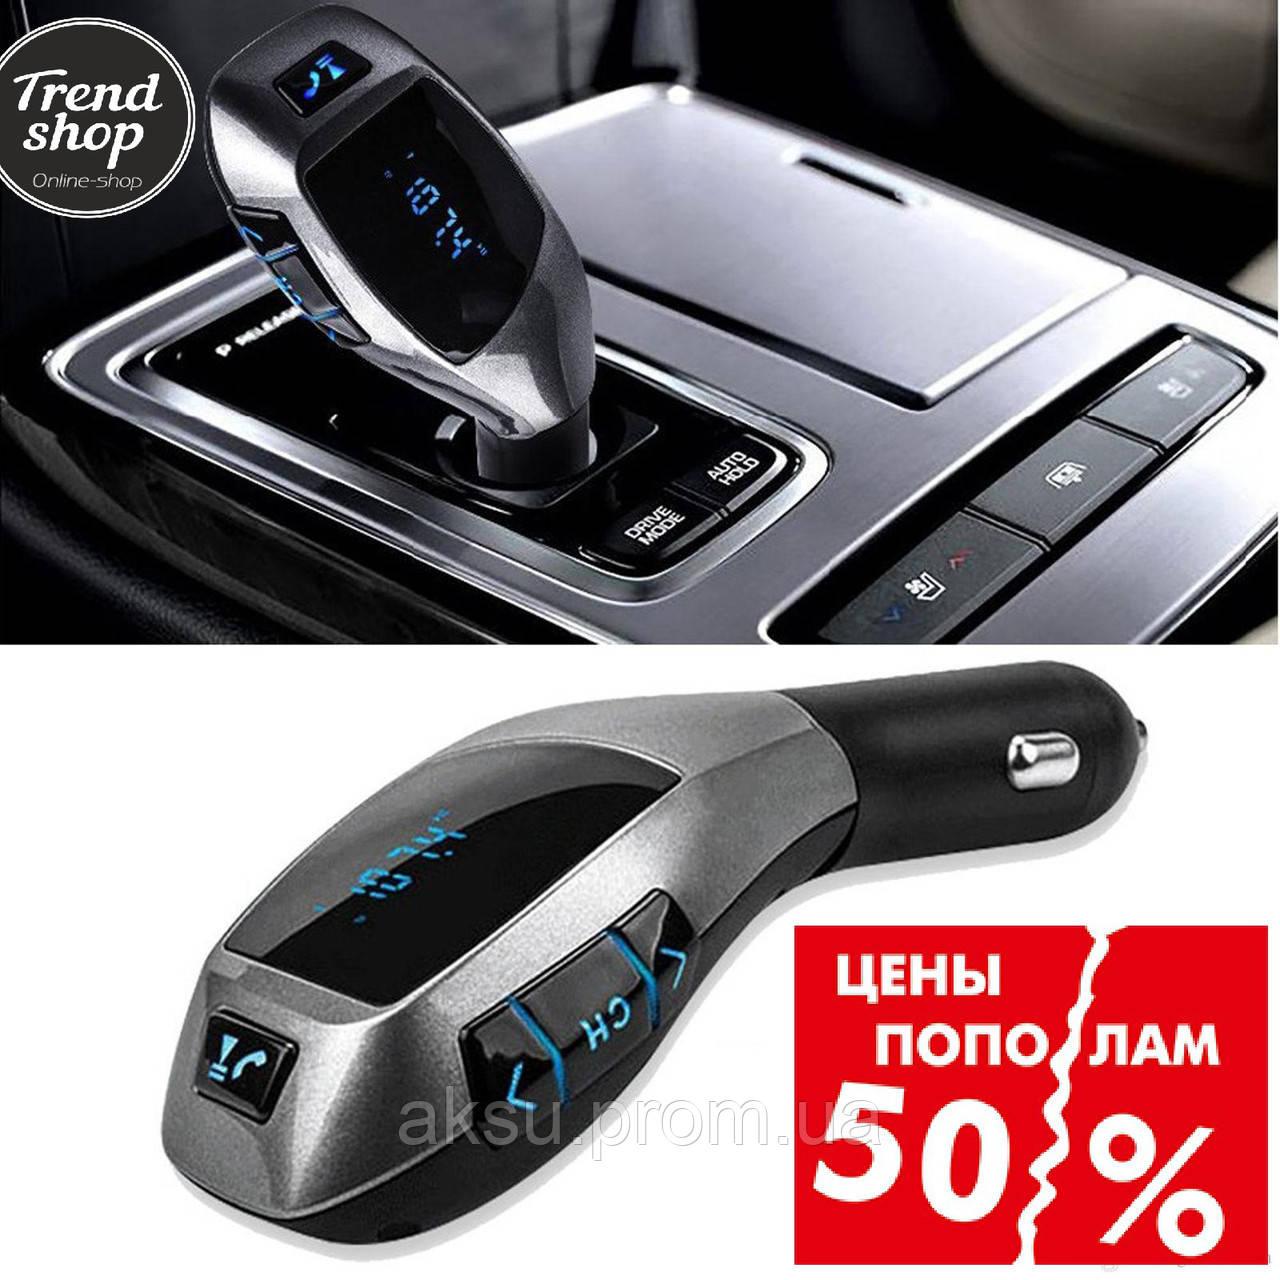 Автомобильный MP3 FM–модулятор, Трансмитер FM MOD. H20 + BT, ФМ Тансмитер, Модулятор в машину с пультом